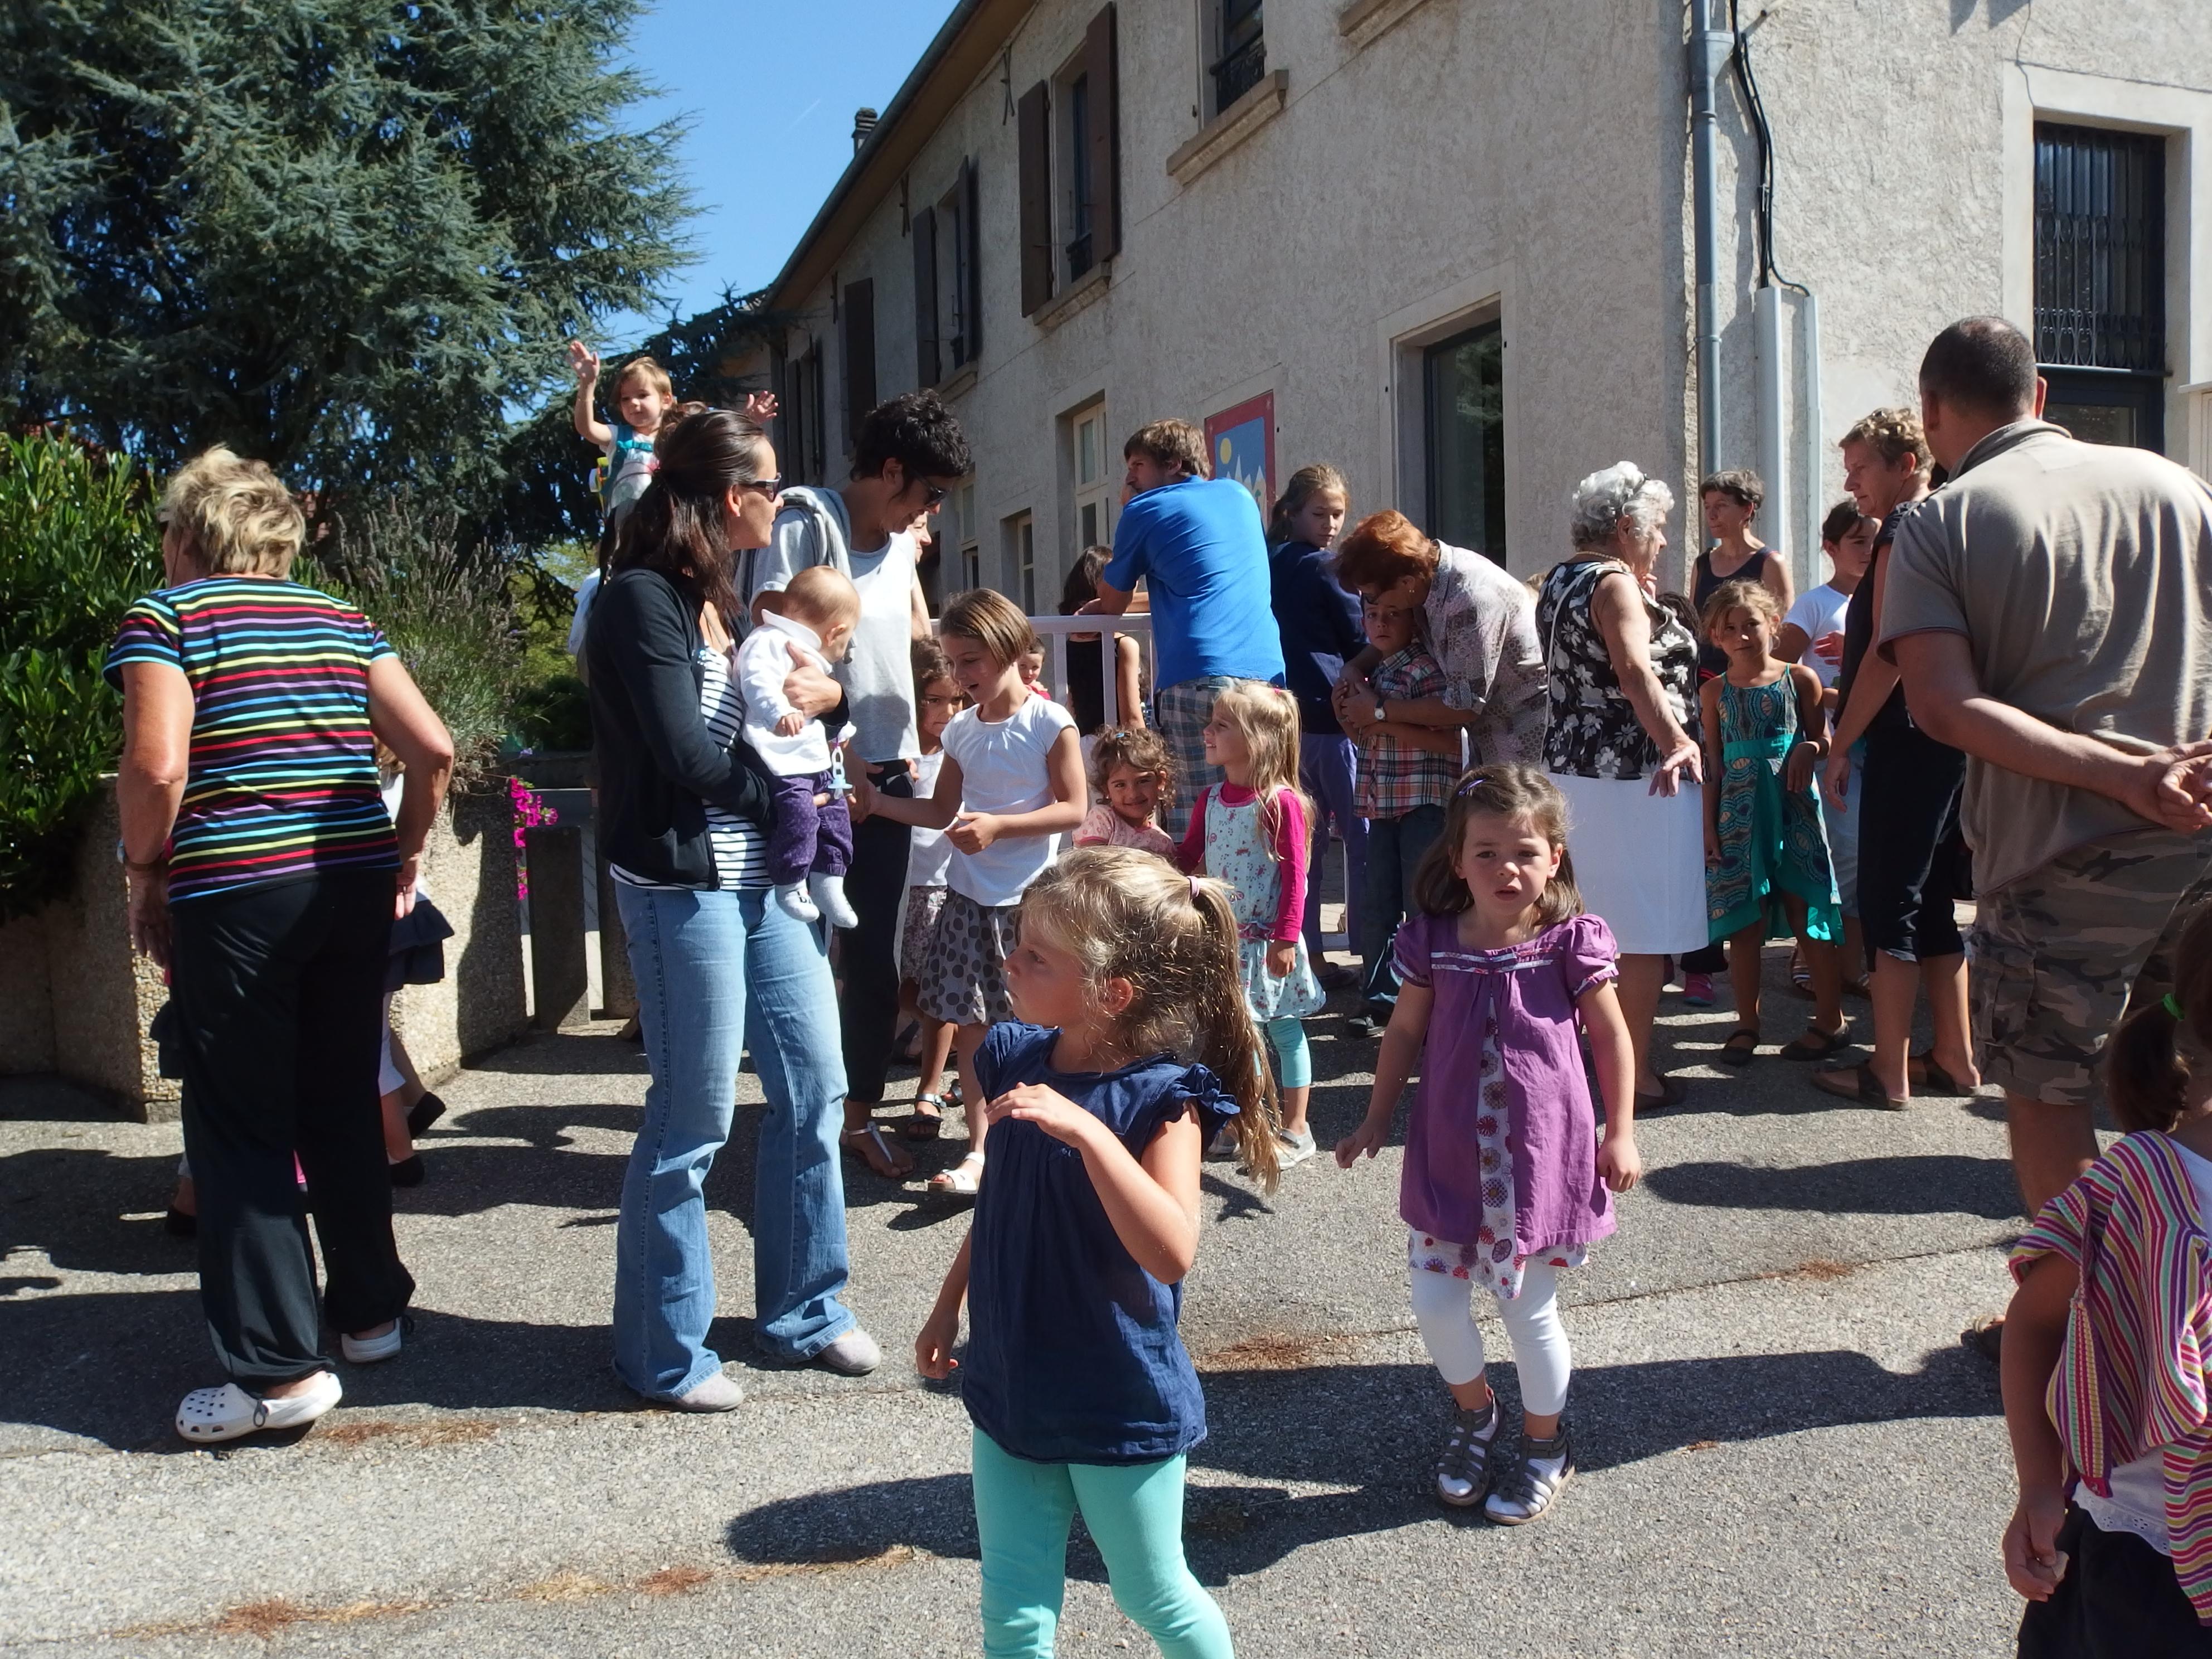 Rentrée scolaire Vaulnaveys le Haut 2013